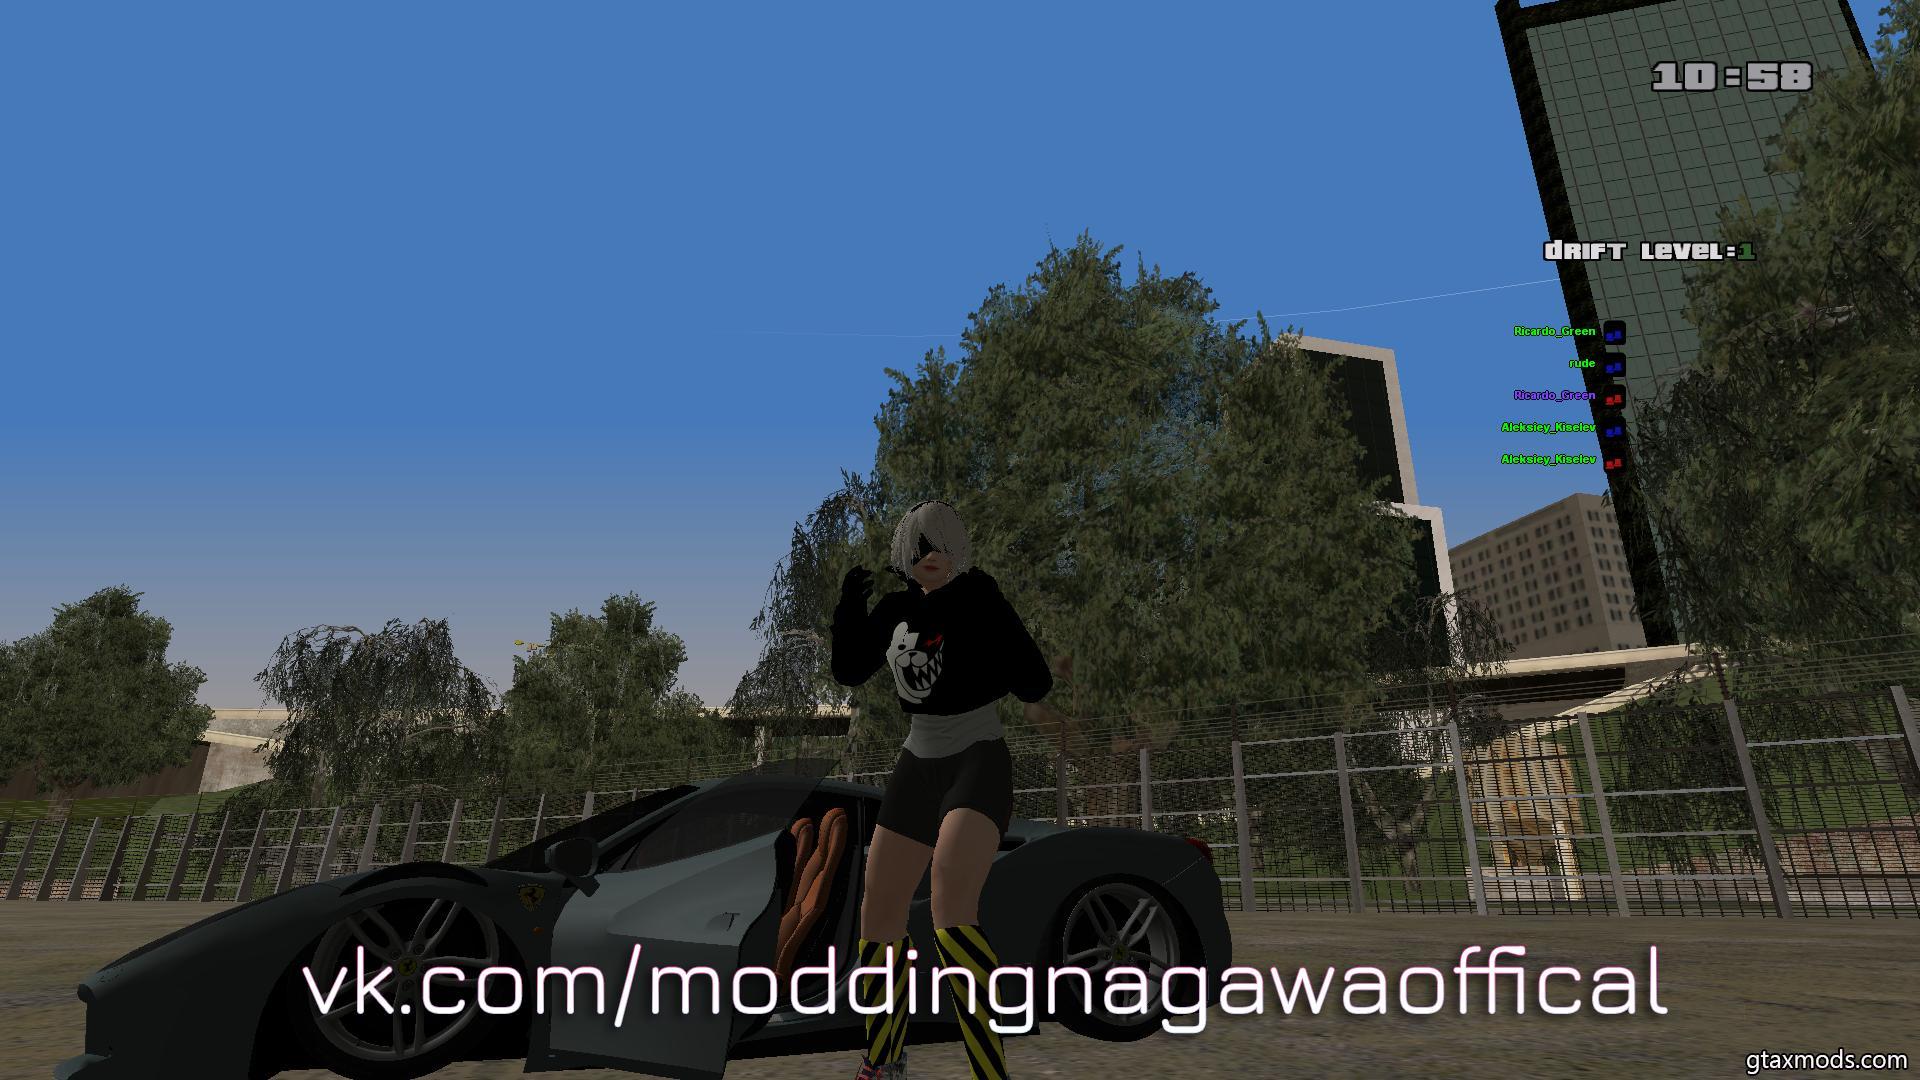 [random] 2B Nagawa Dead Elite